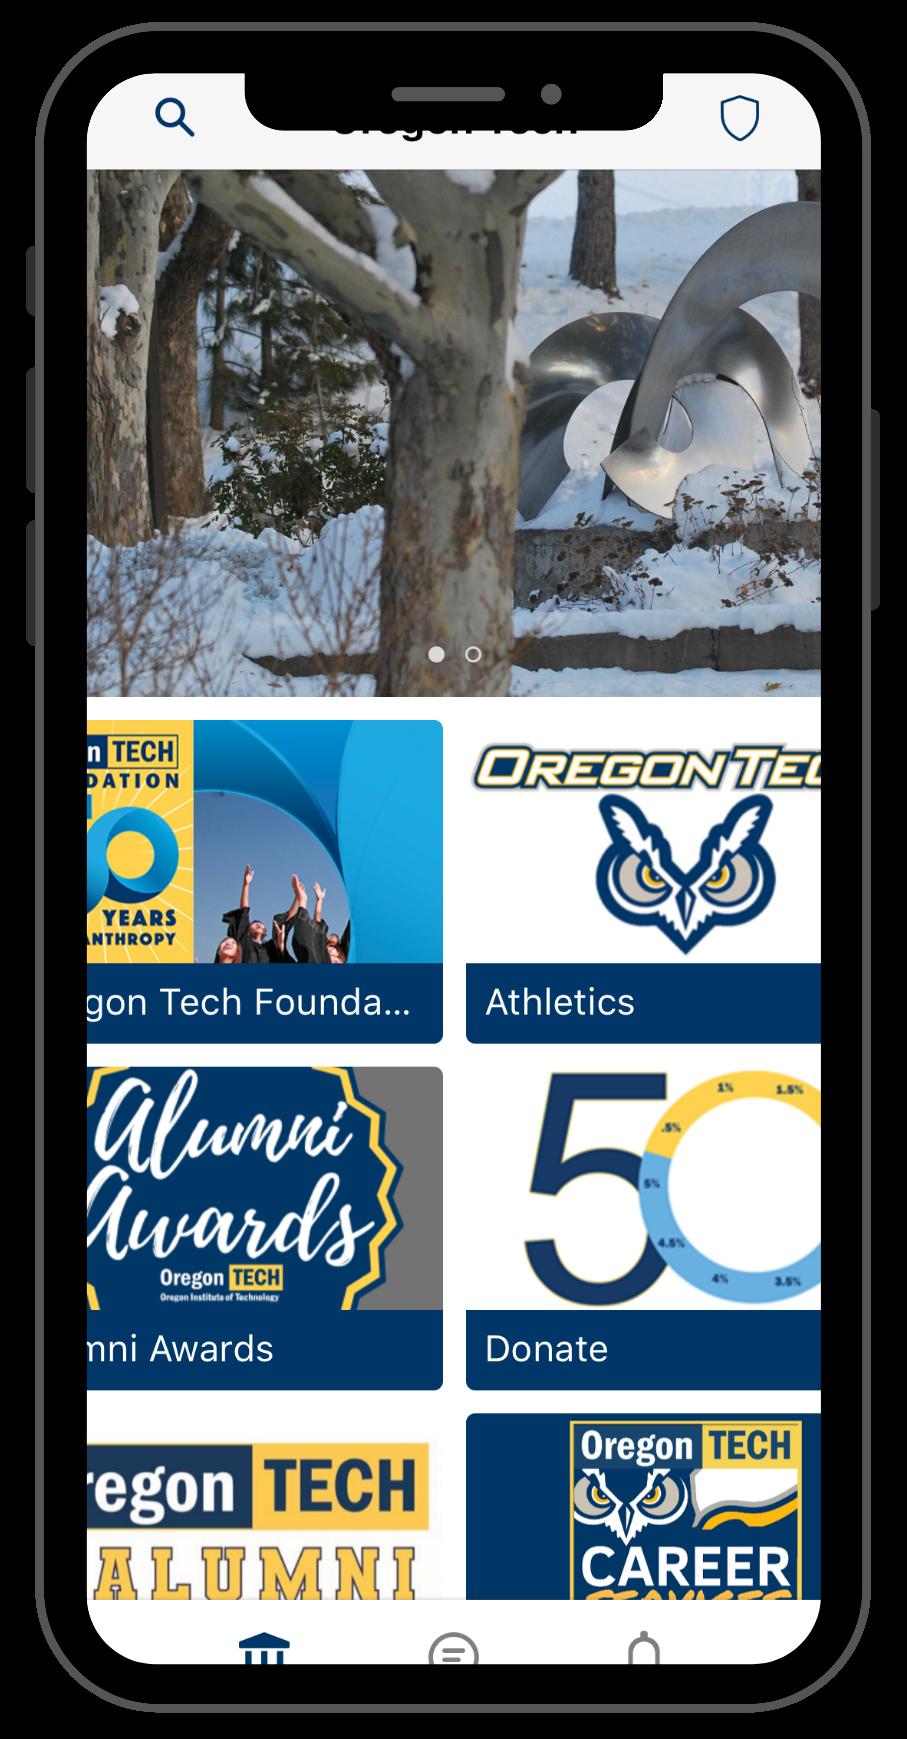 App Screen shots- alumni